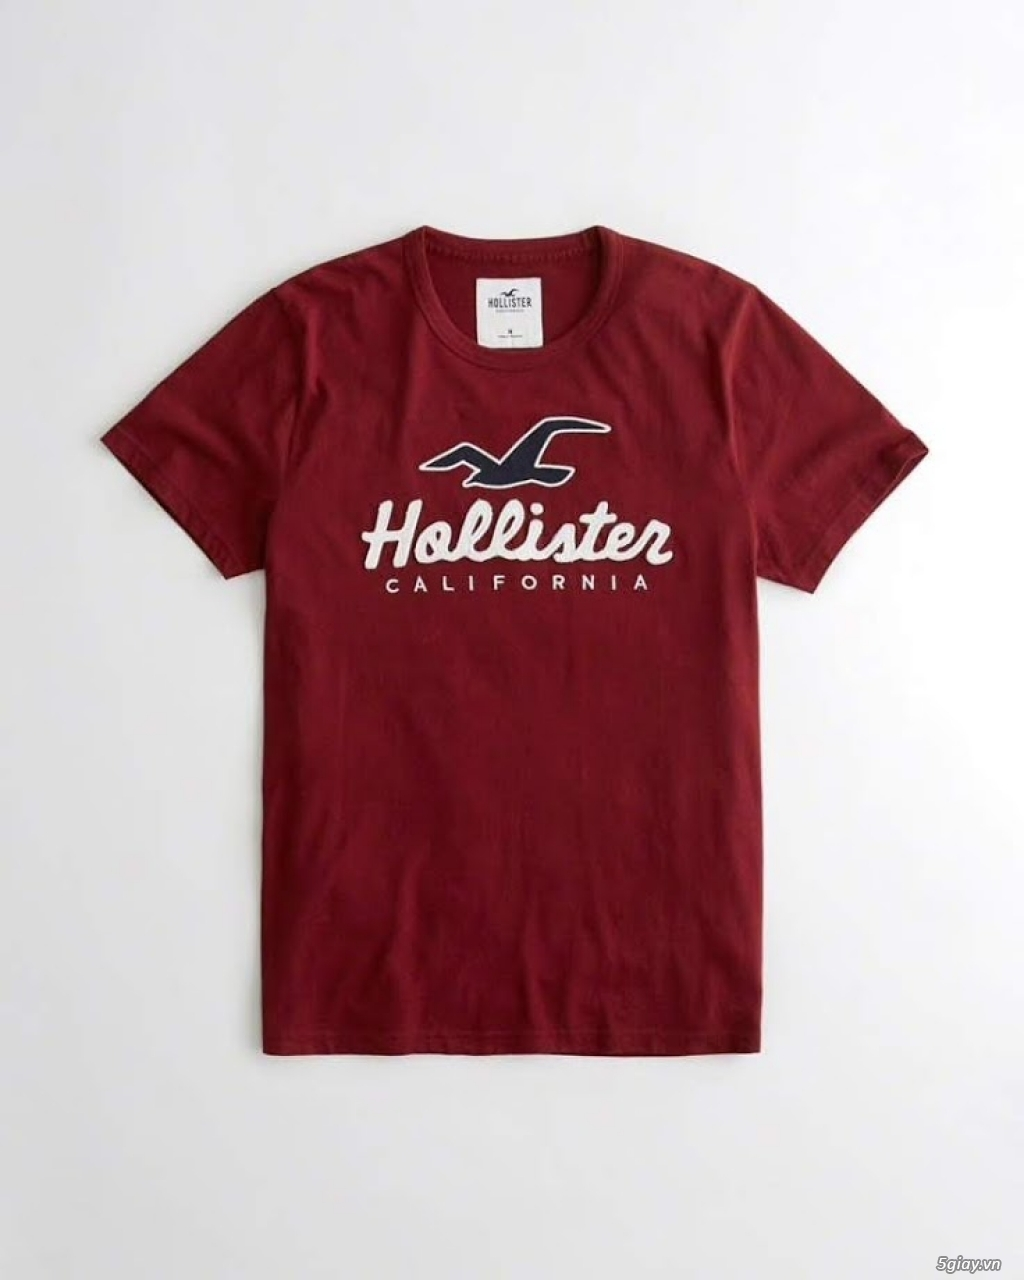 HCO shop chuyên hàng Hollister Abercrombie xách tay US chính hãng - 10